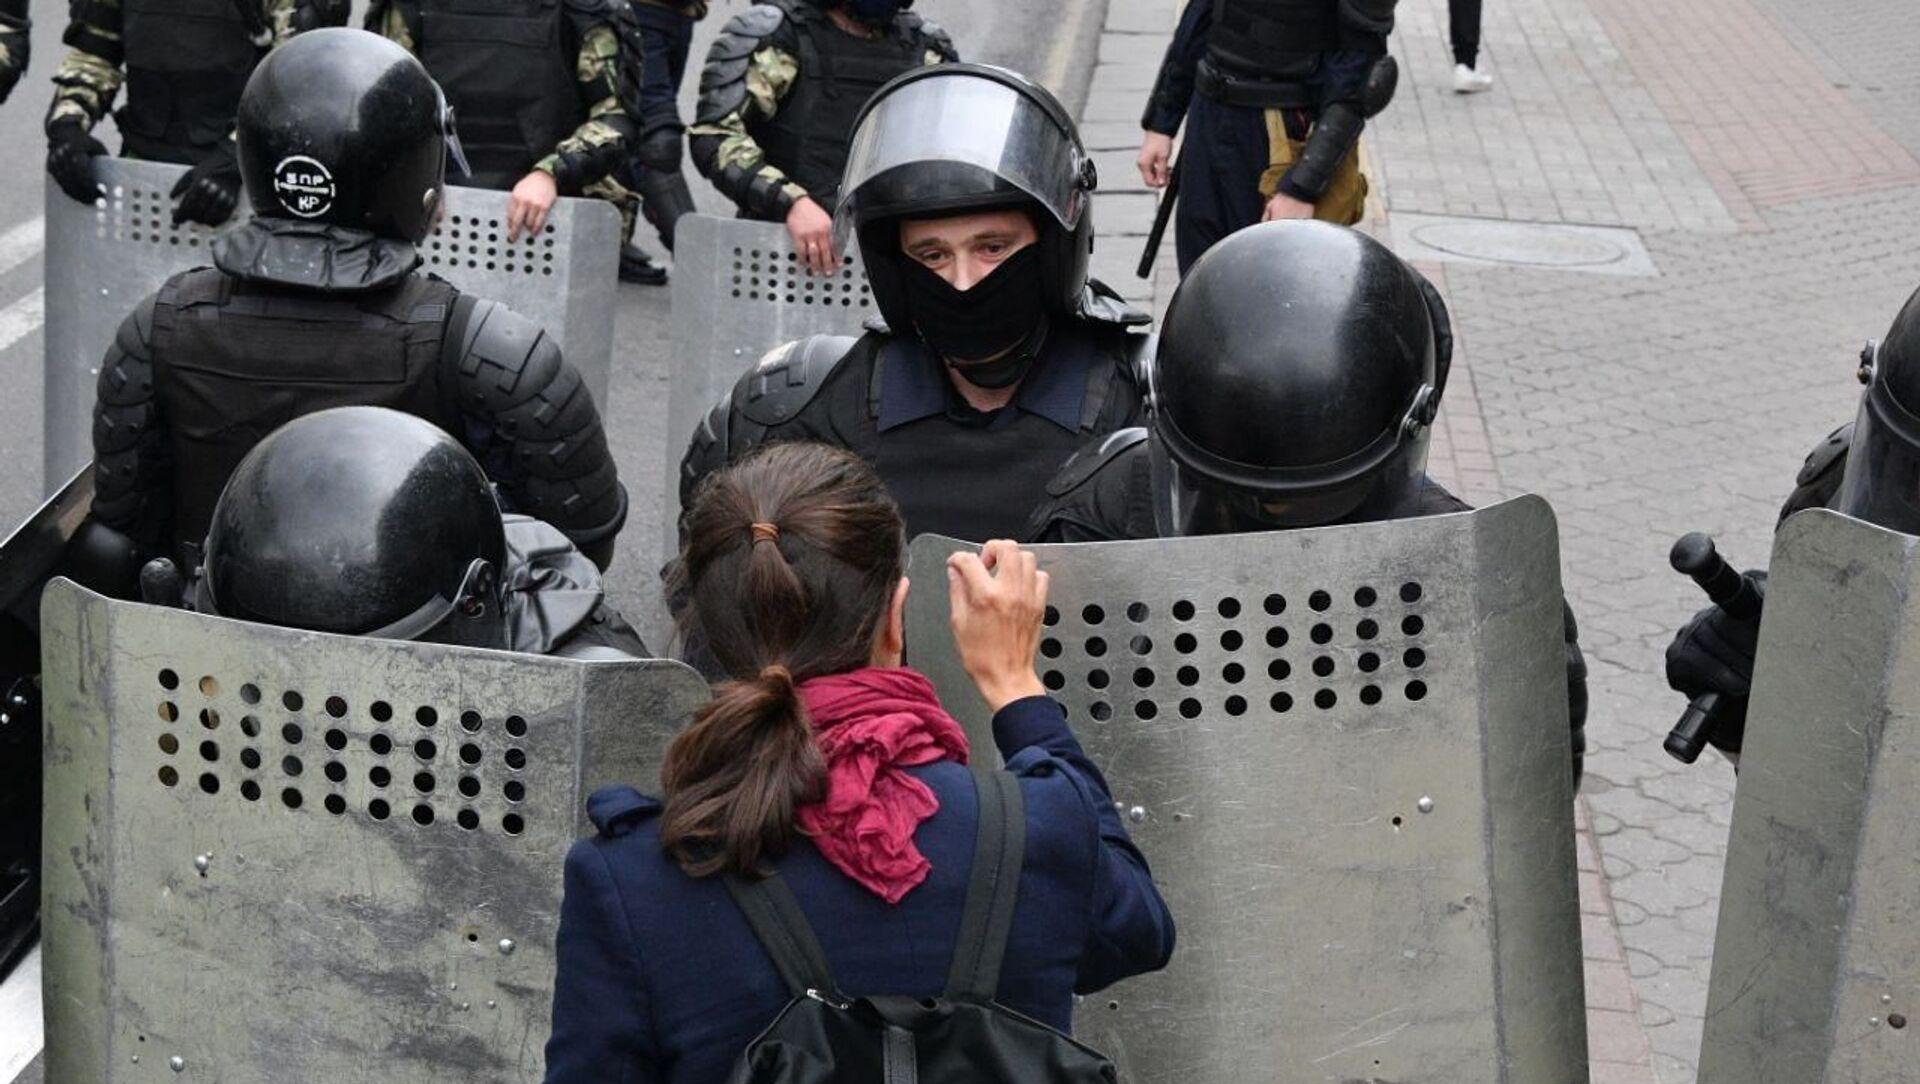 Акция протеста в Минске - Sputnik Беларусь, 1920, 28.03.2021